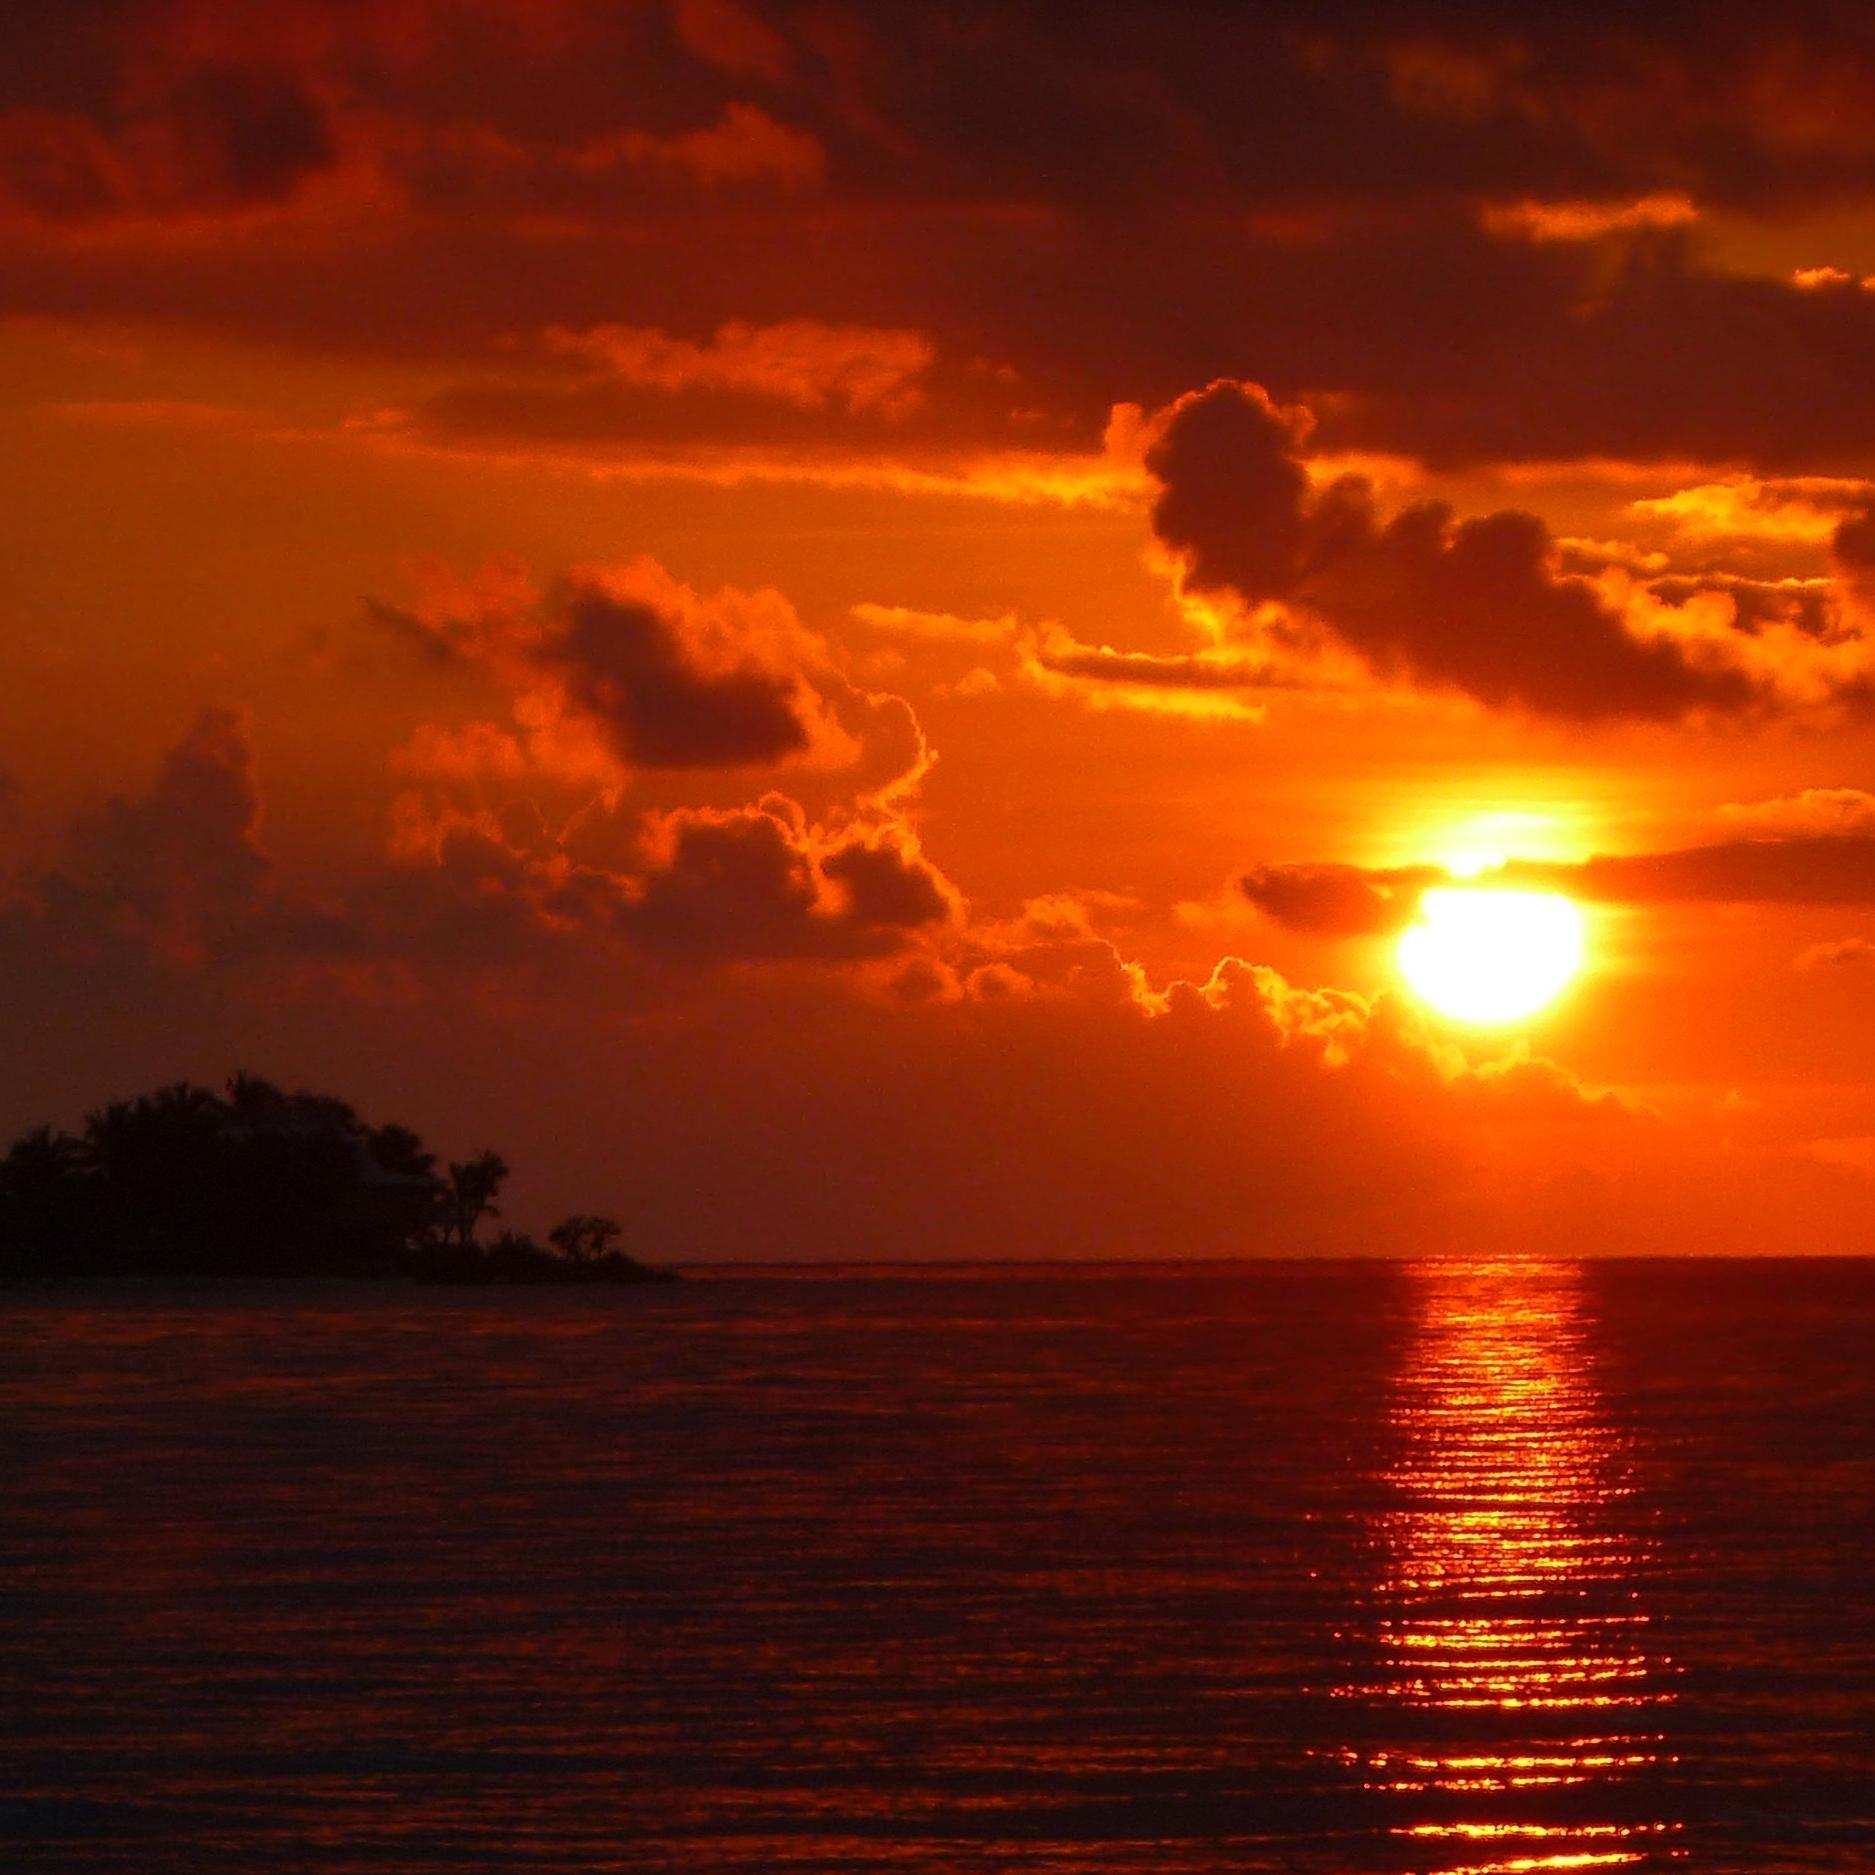 Sunset Sail - Relaxing SUNSET SAIL